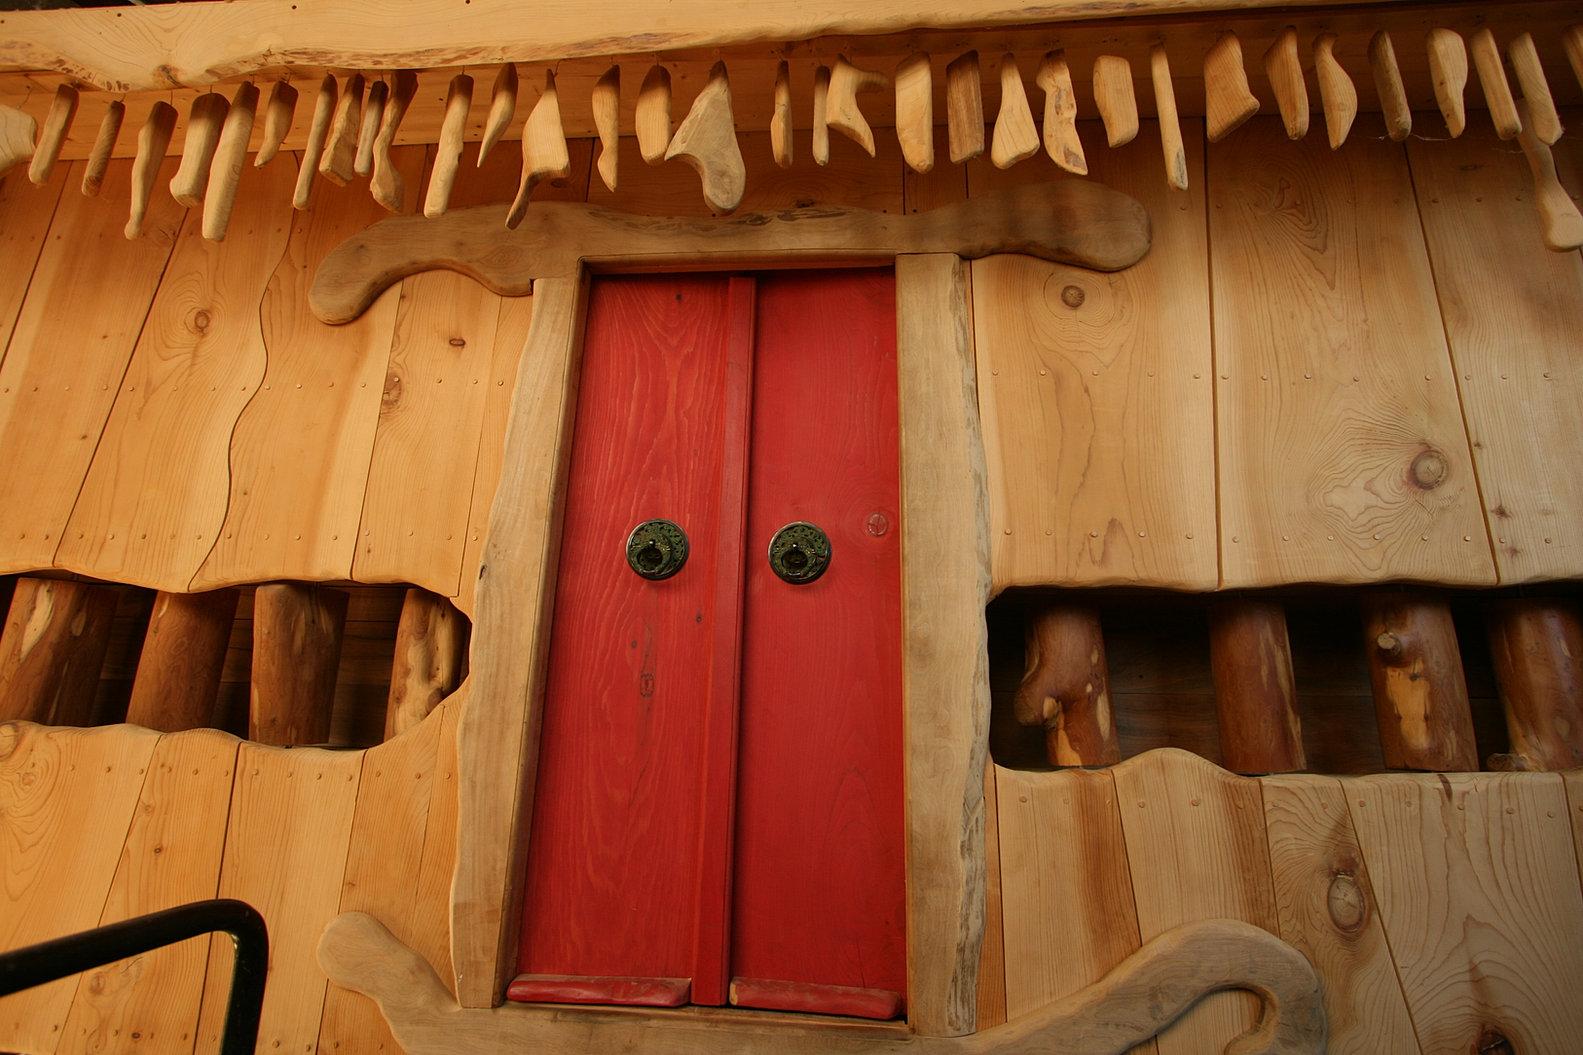 Roulrve vente et fabrication de roulottes artisanales en bois